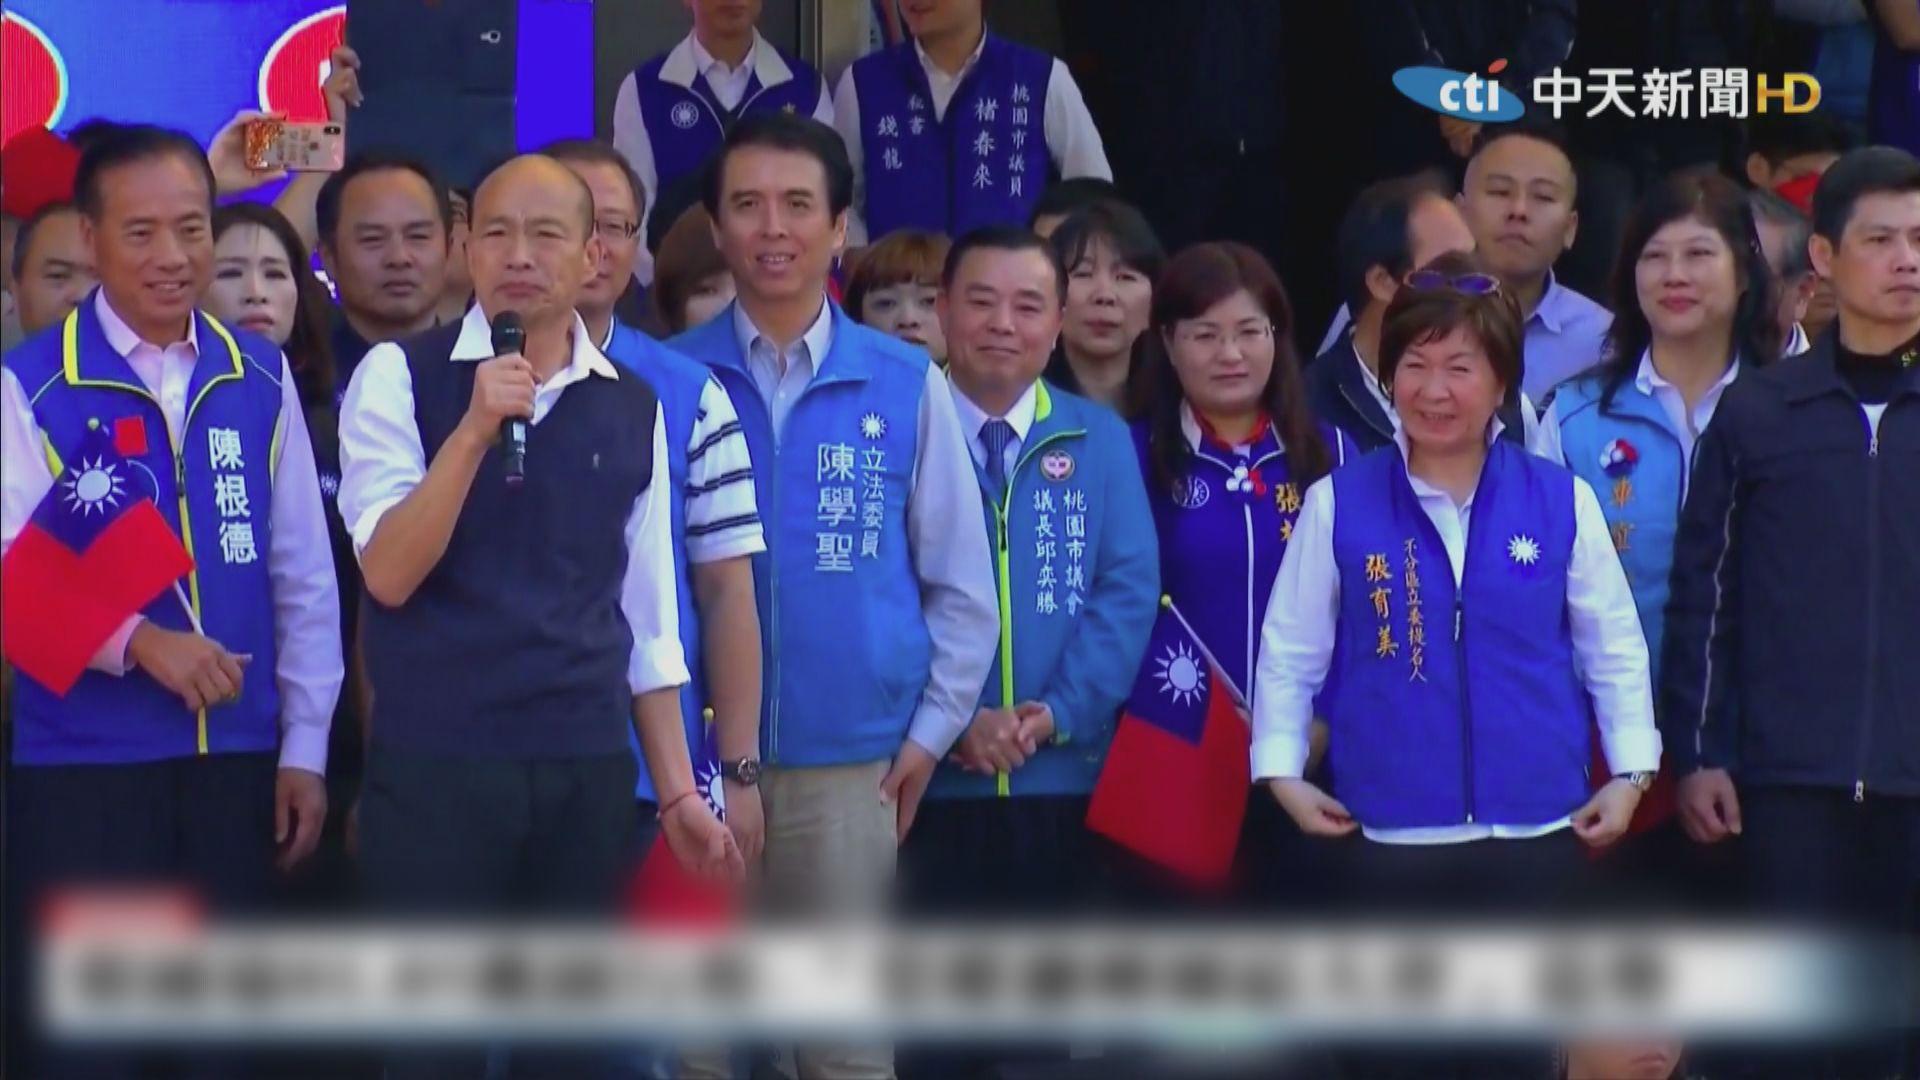 韓國瑜批評民進黨執政不善 以「欺騙」來治台